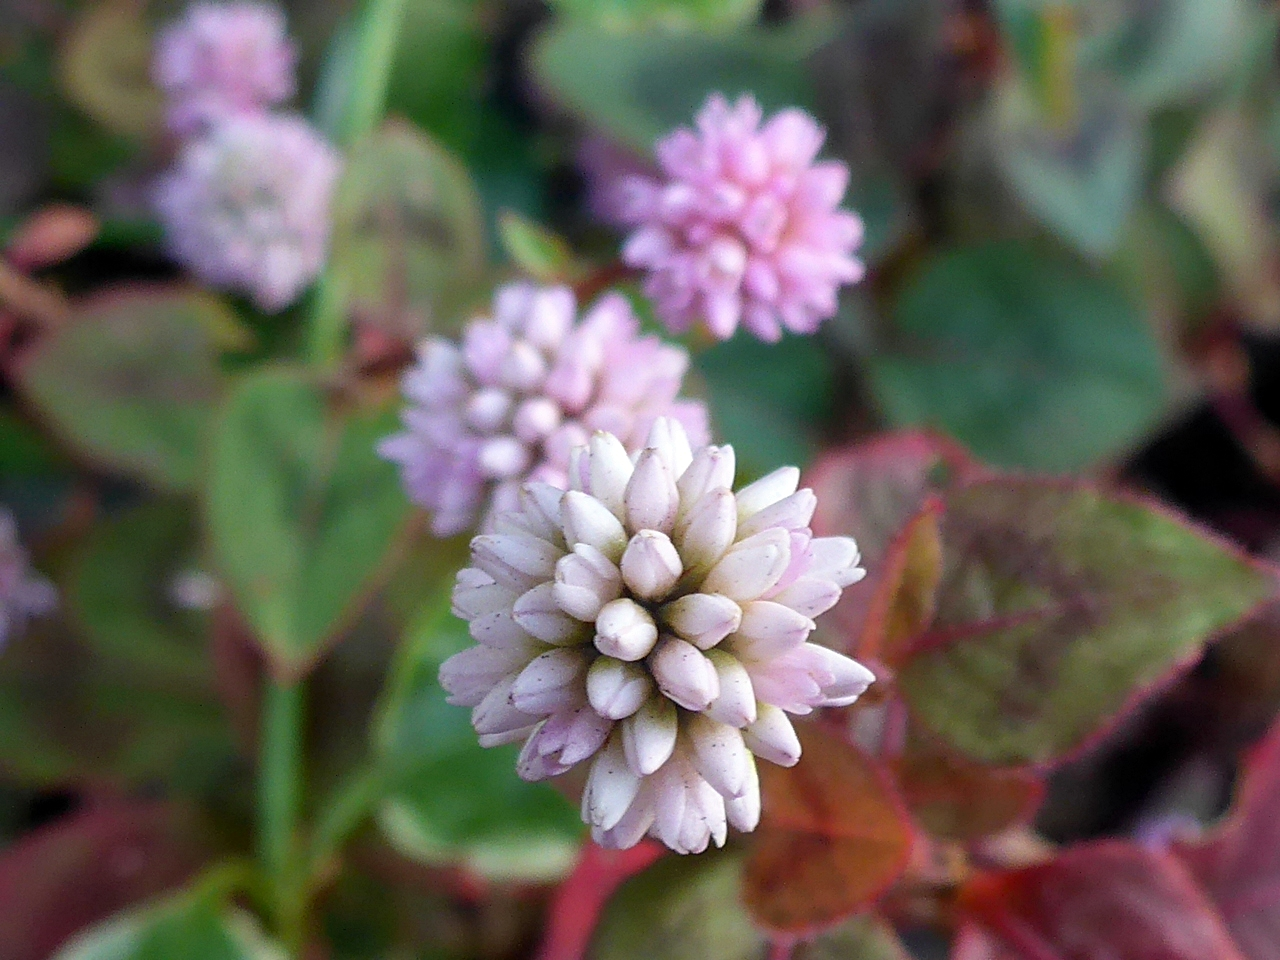 響橋付近の花